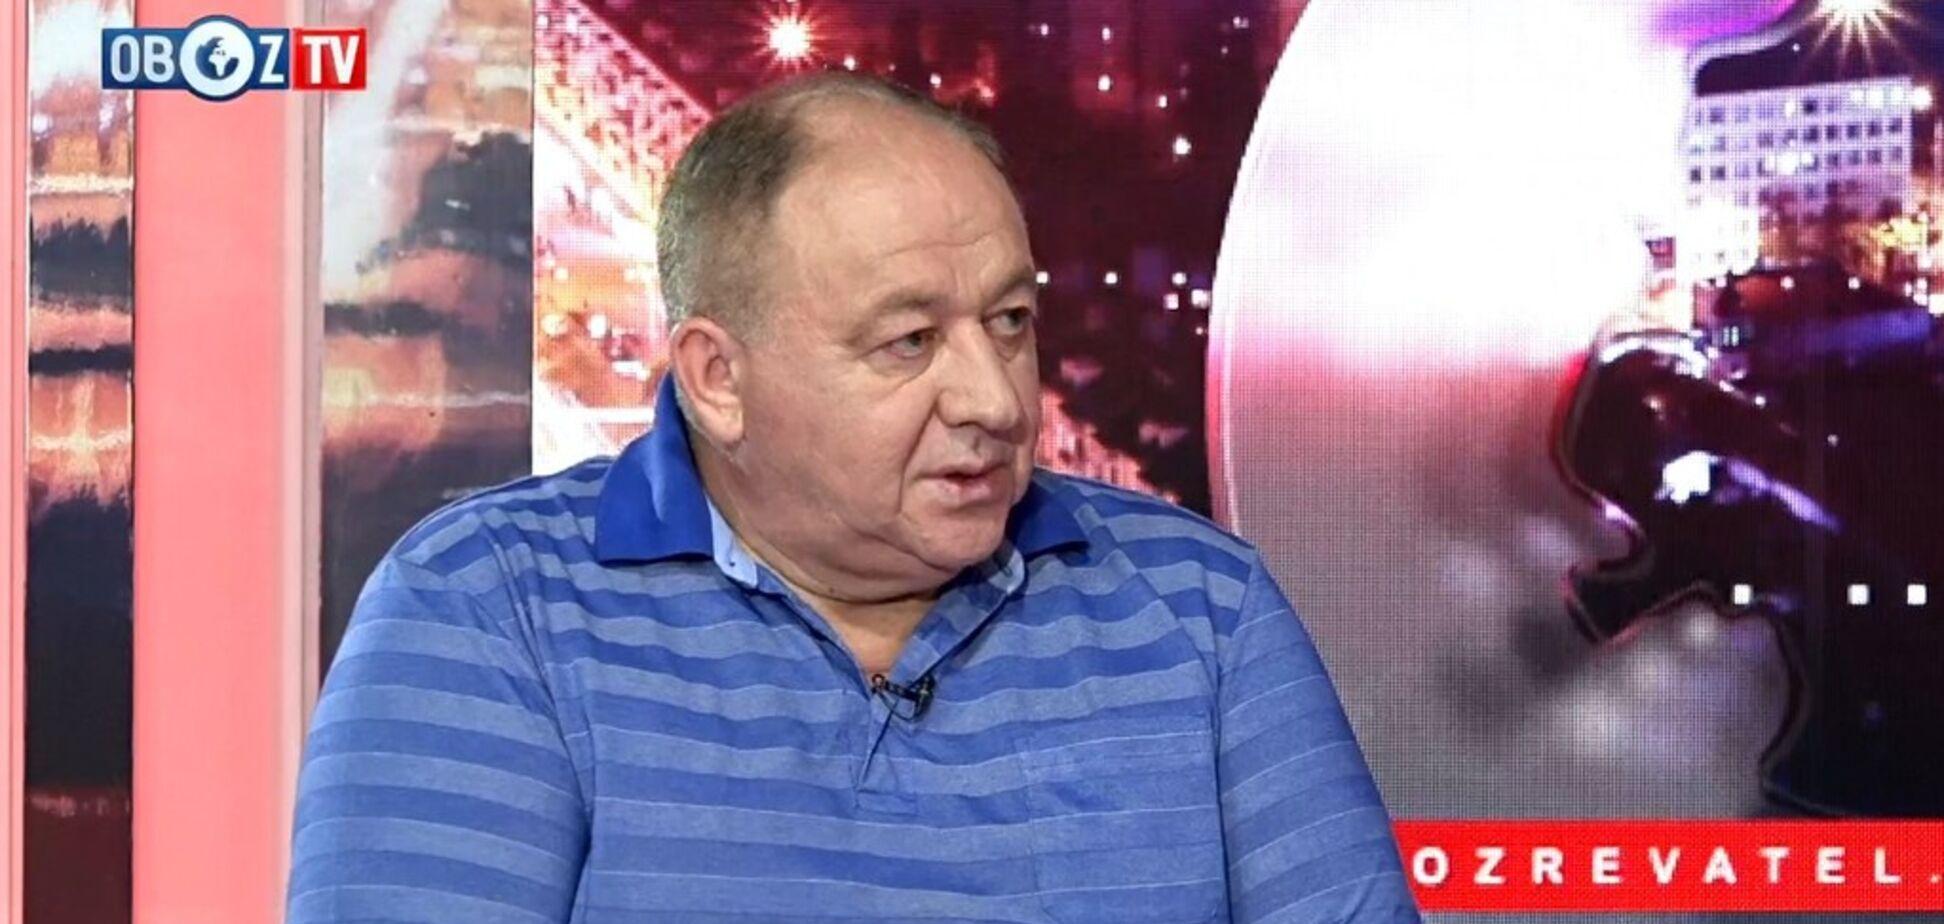 Смерть Тымчука заставила вспомнить о псевдо-покушении на Бабченко и подрыве Шеремета